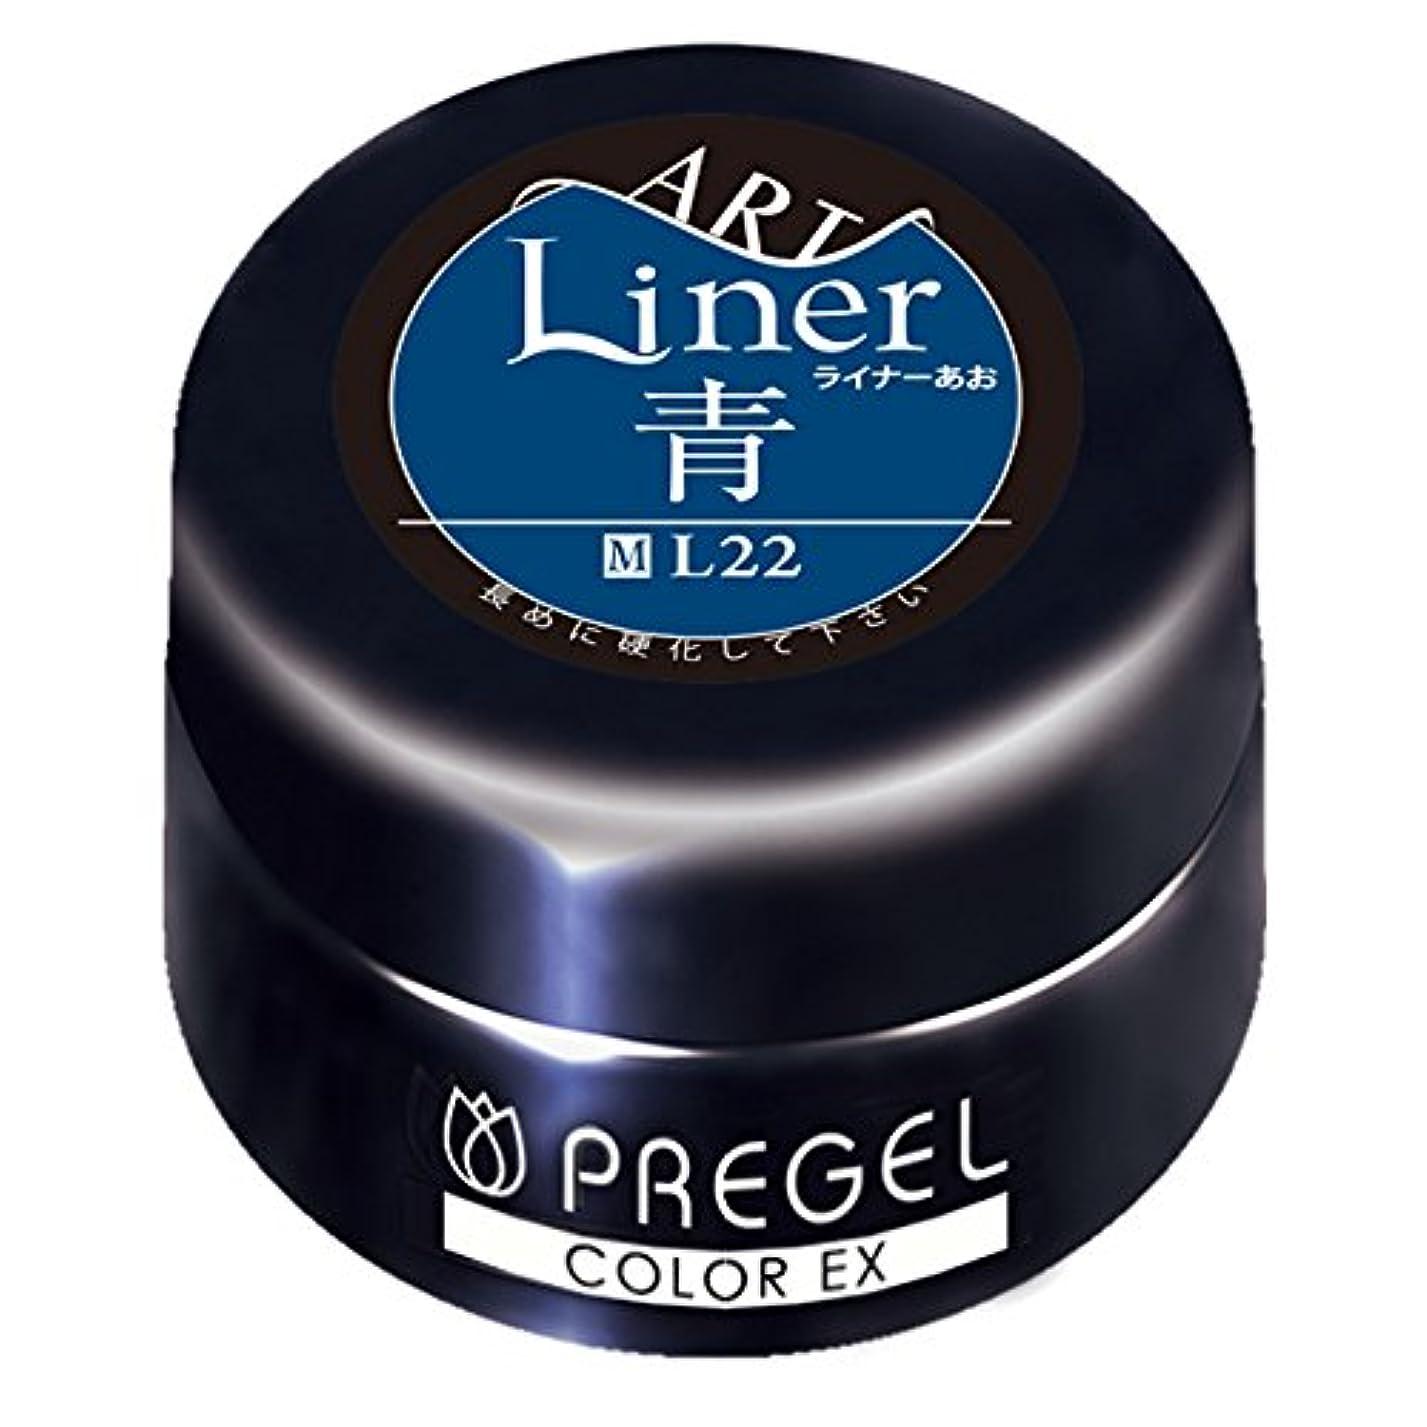 娯楽お祝い服を片付けるPRE GEL カラーEX ライナー青 3g PG-CEL22 UV/LED対応